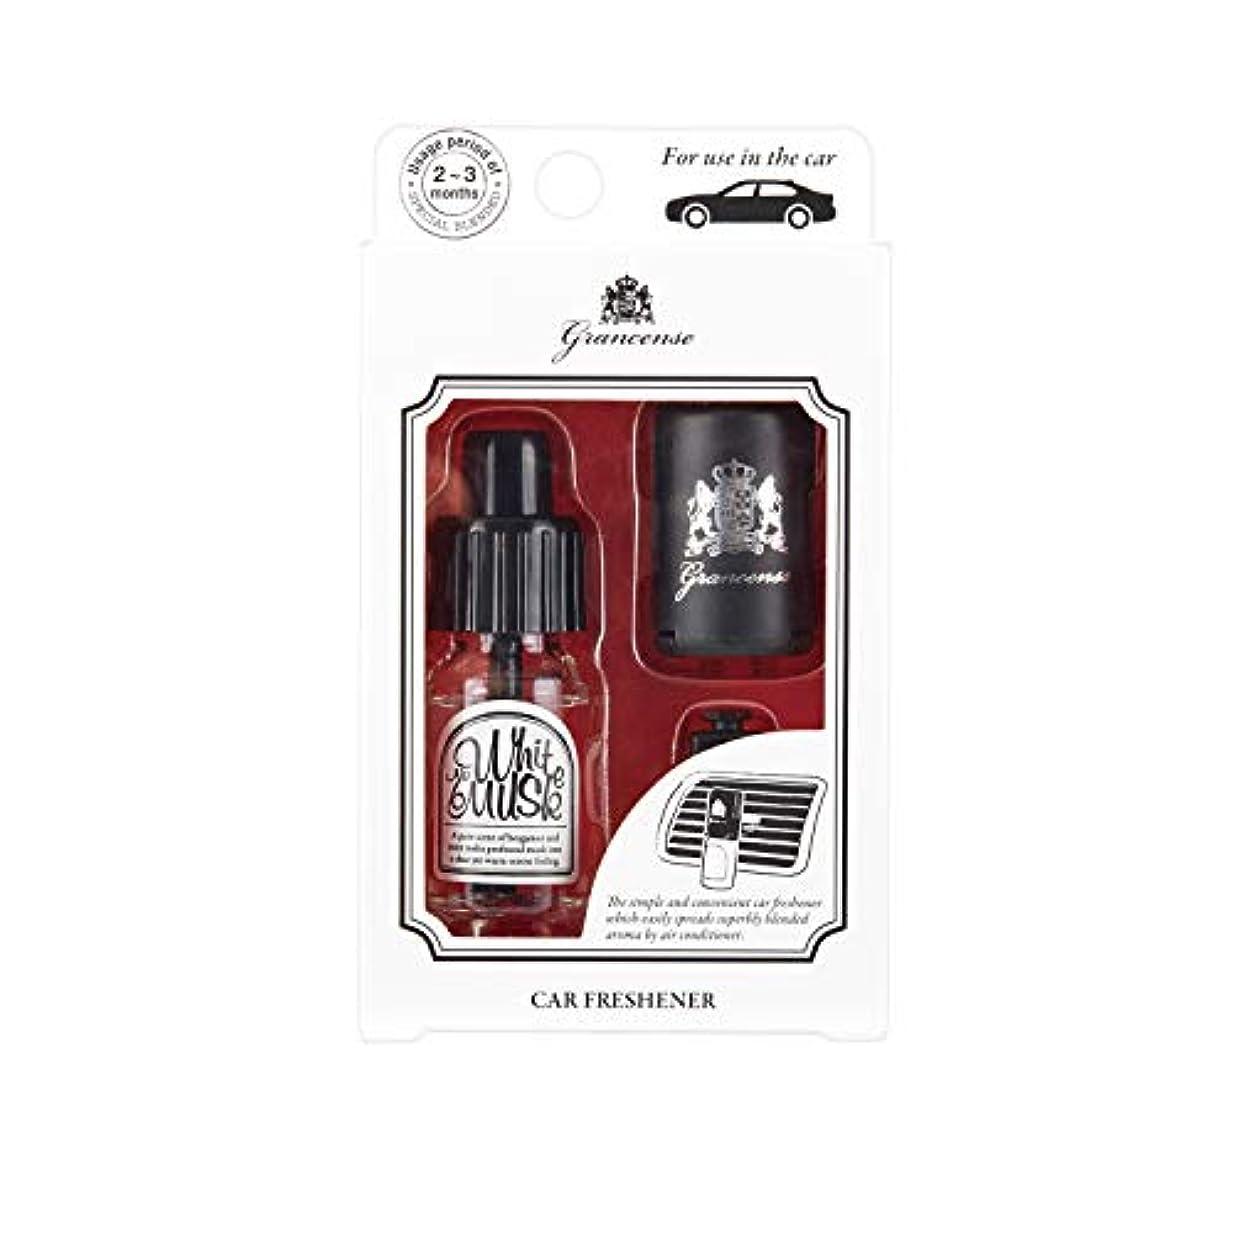 促進する相互ブレイズグランセンス カーフレッシュナー ホワイトムスク 10mL (車用芳香剤 カーディフューザー 2-3ヶ月 日本製)